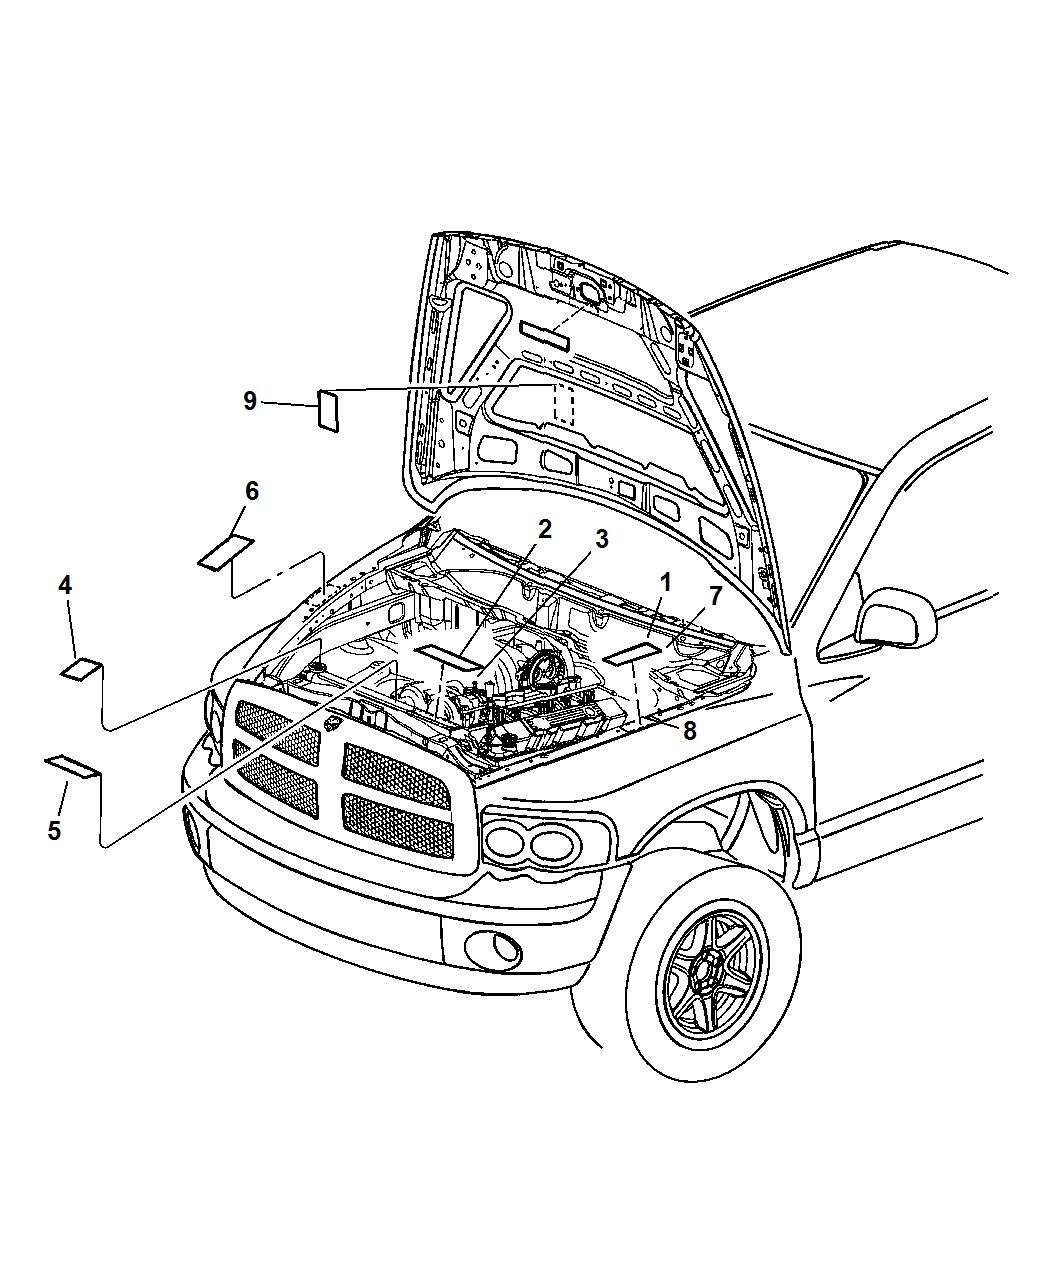 1050x1275 Engine Compartment For 2007 Dodge Ram 1500 Mopar Parts Giant